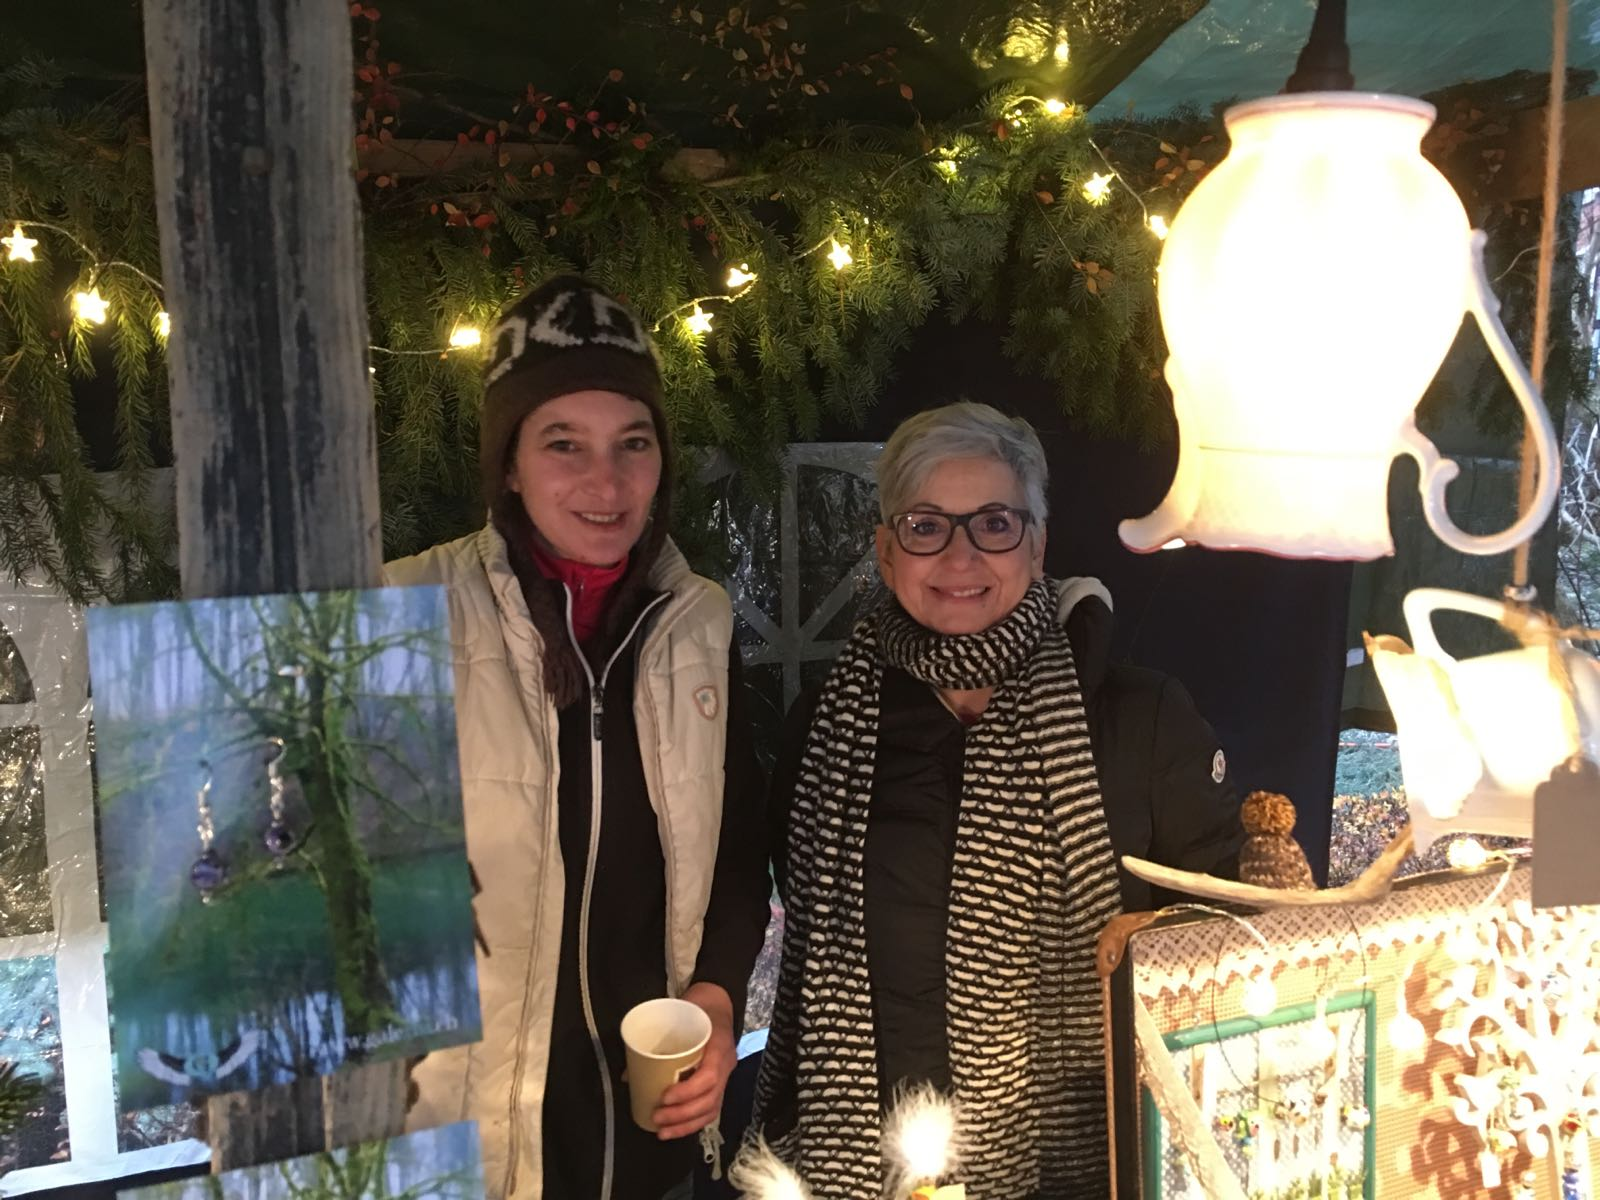 Bülacher Weihnachtsmarkt 2016